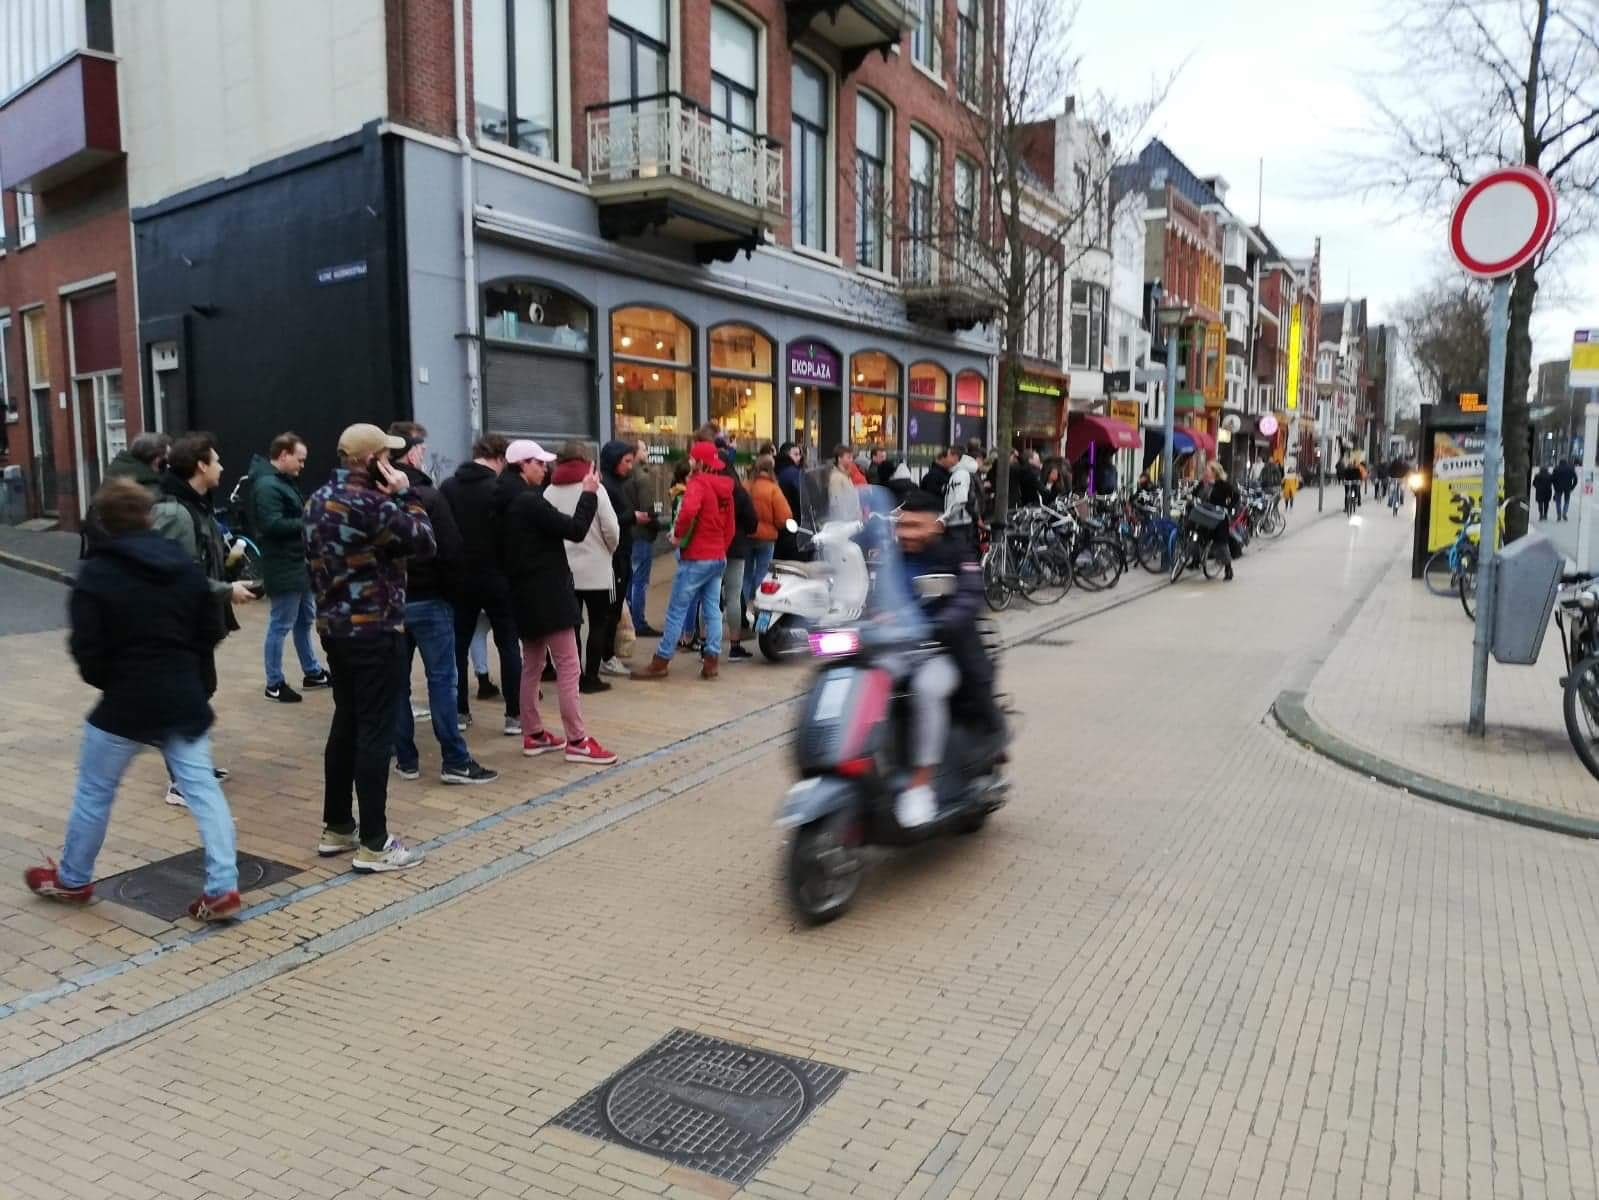 Holanda: Largas filas para comprar marihuana en todo el país ante cuarentena de 2 meses